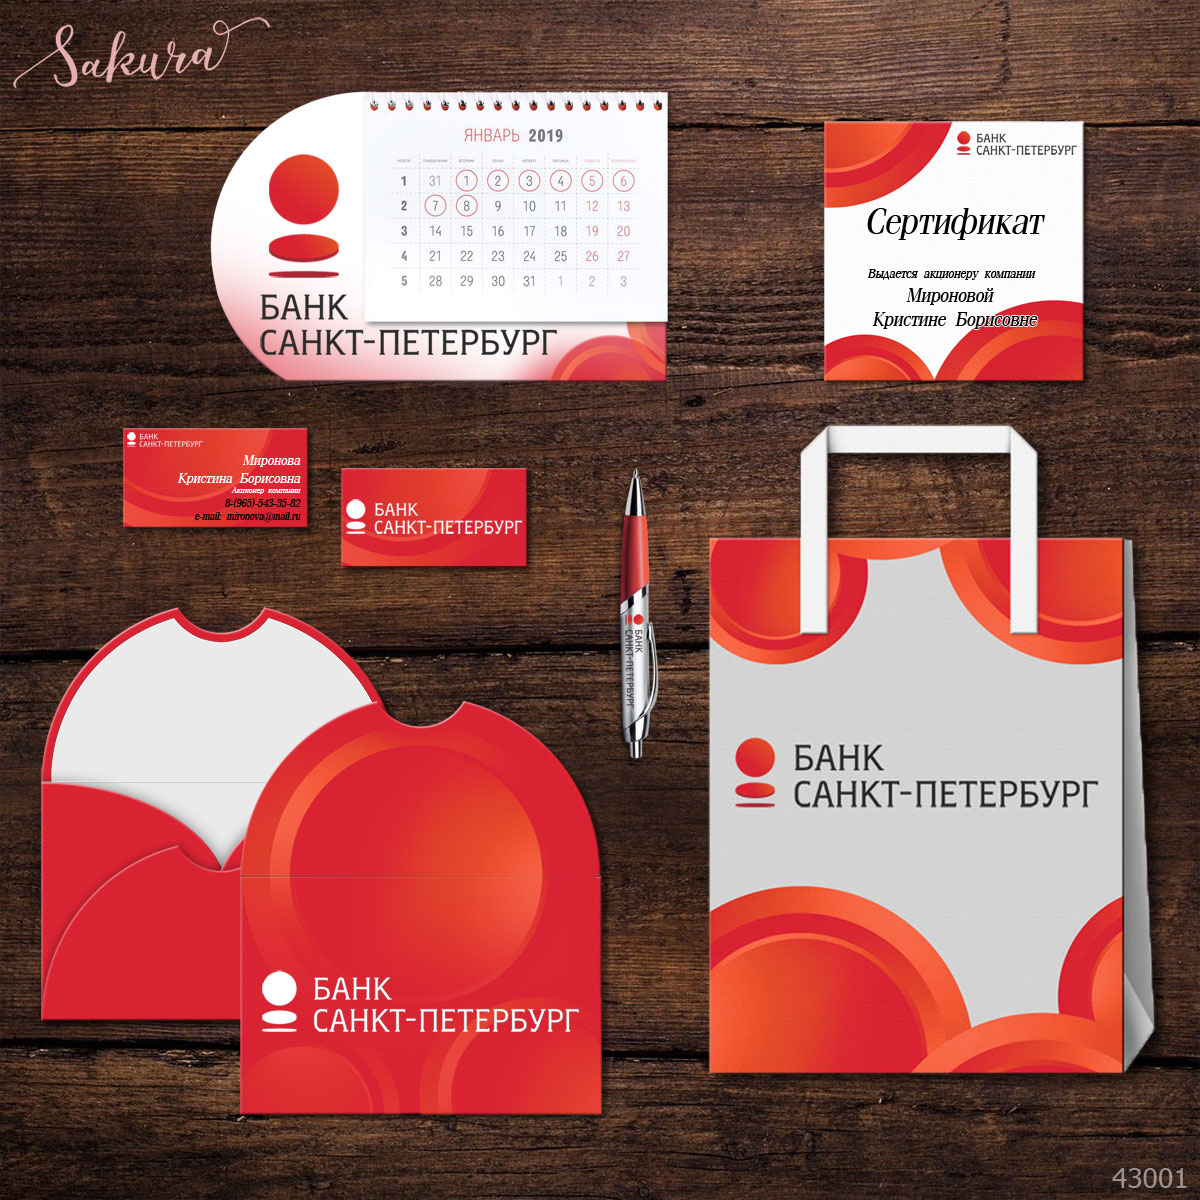 Корпоративные подарки, корпоративные открытки, календари на заказ, визитки, Конверты, подарочные сертификаты.